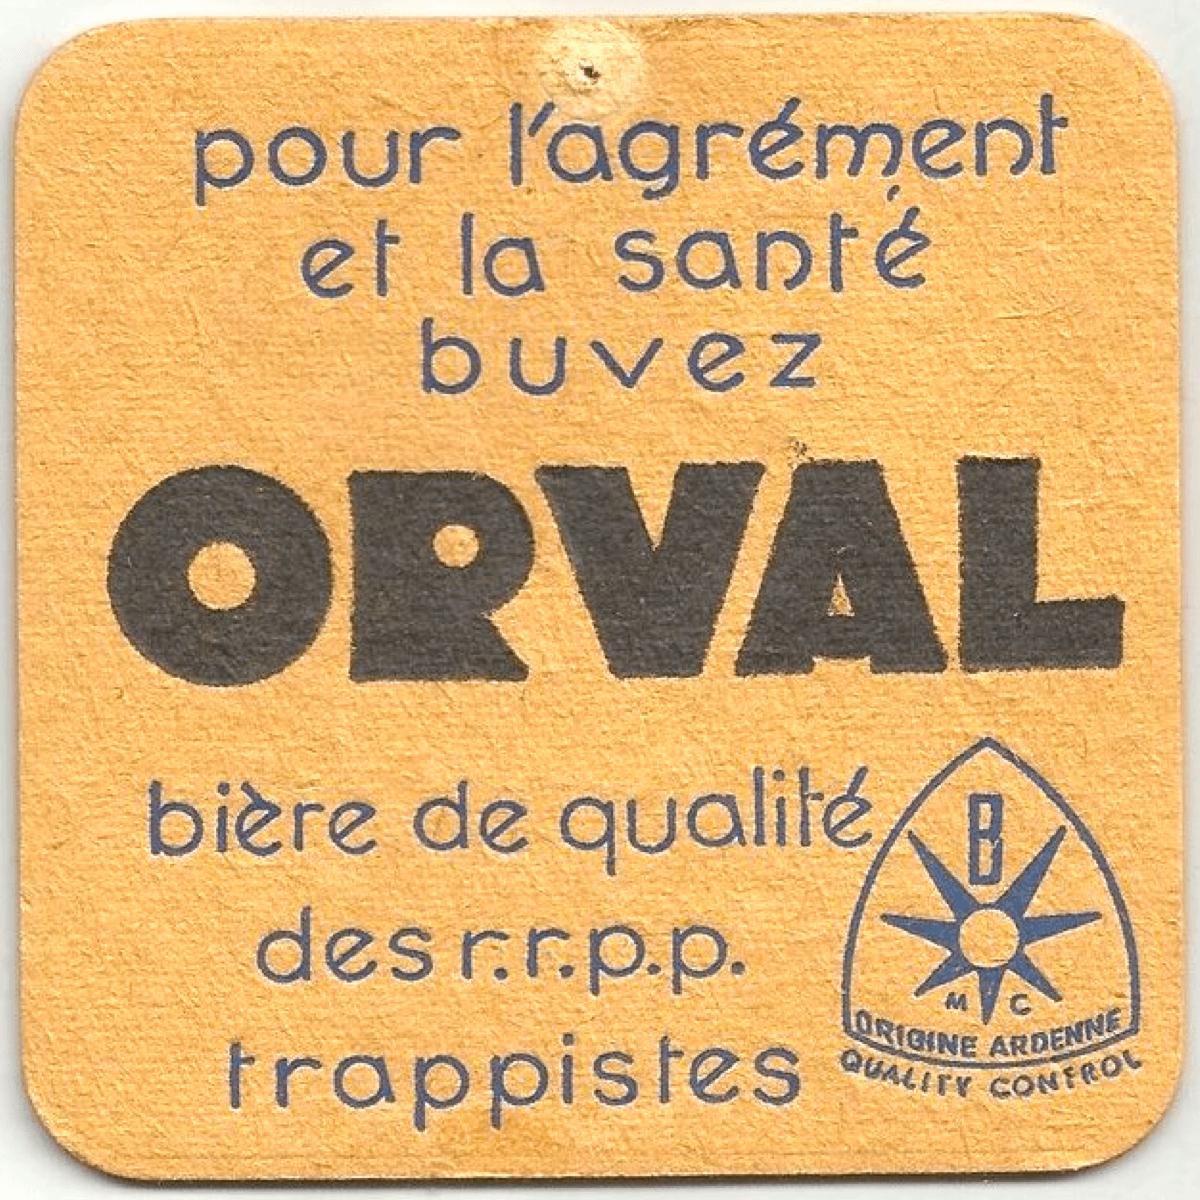 Ancien sous-bock Orval, qui prône les bienfaits de la bière sur la santé. - catawiki.fr